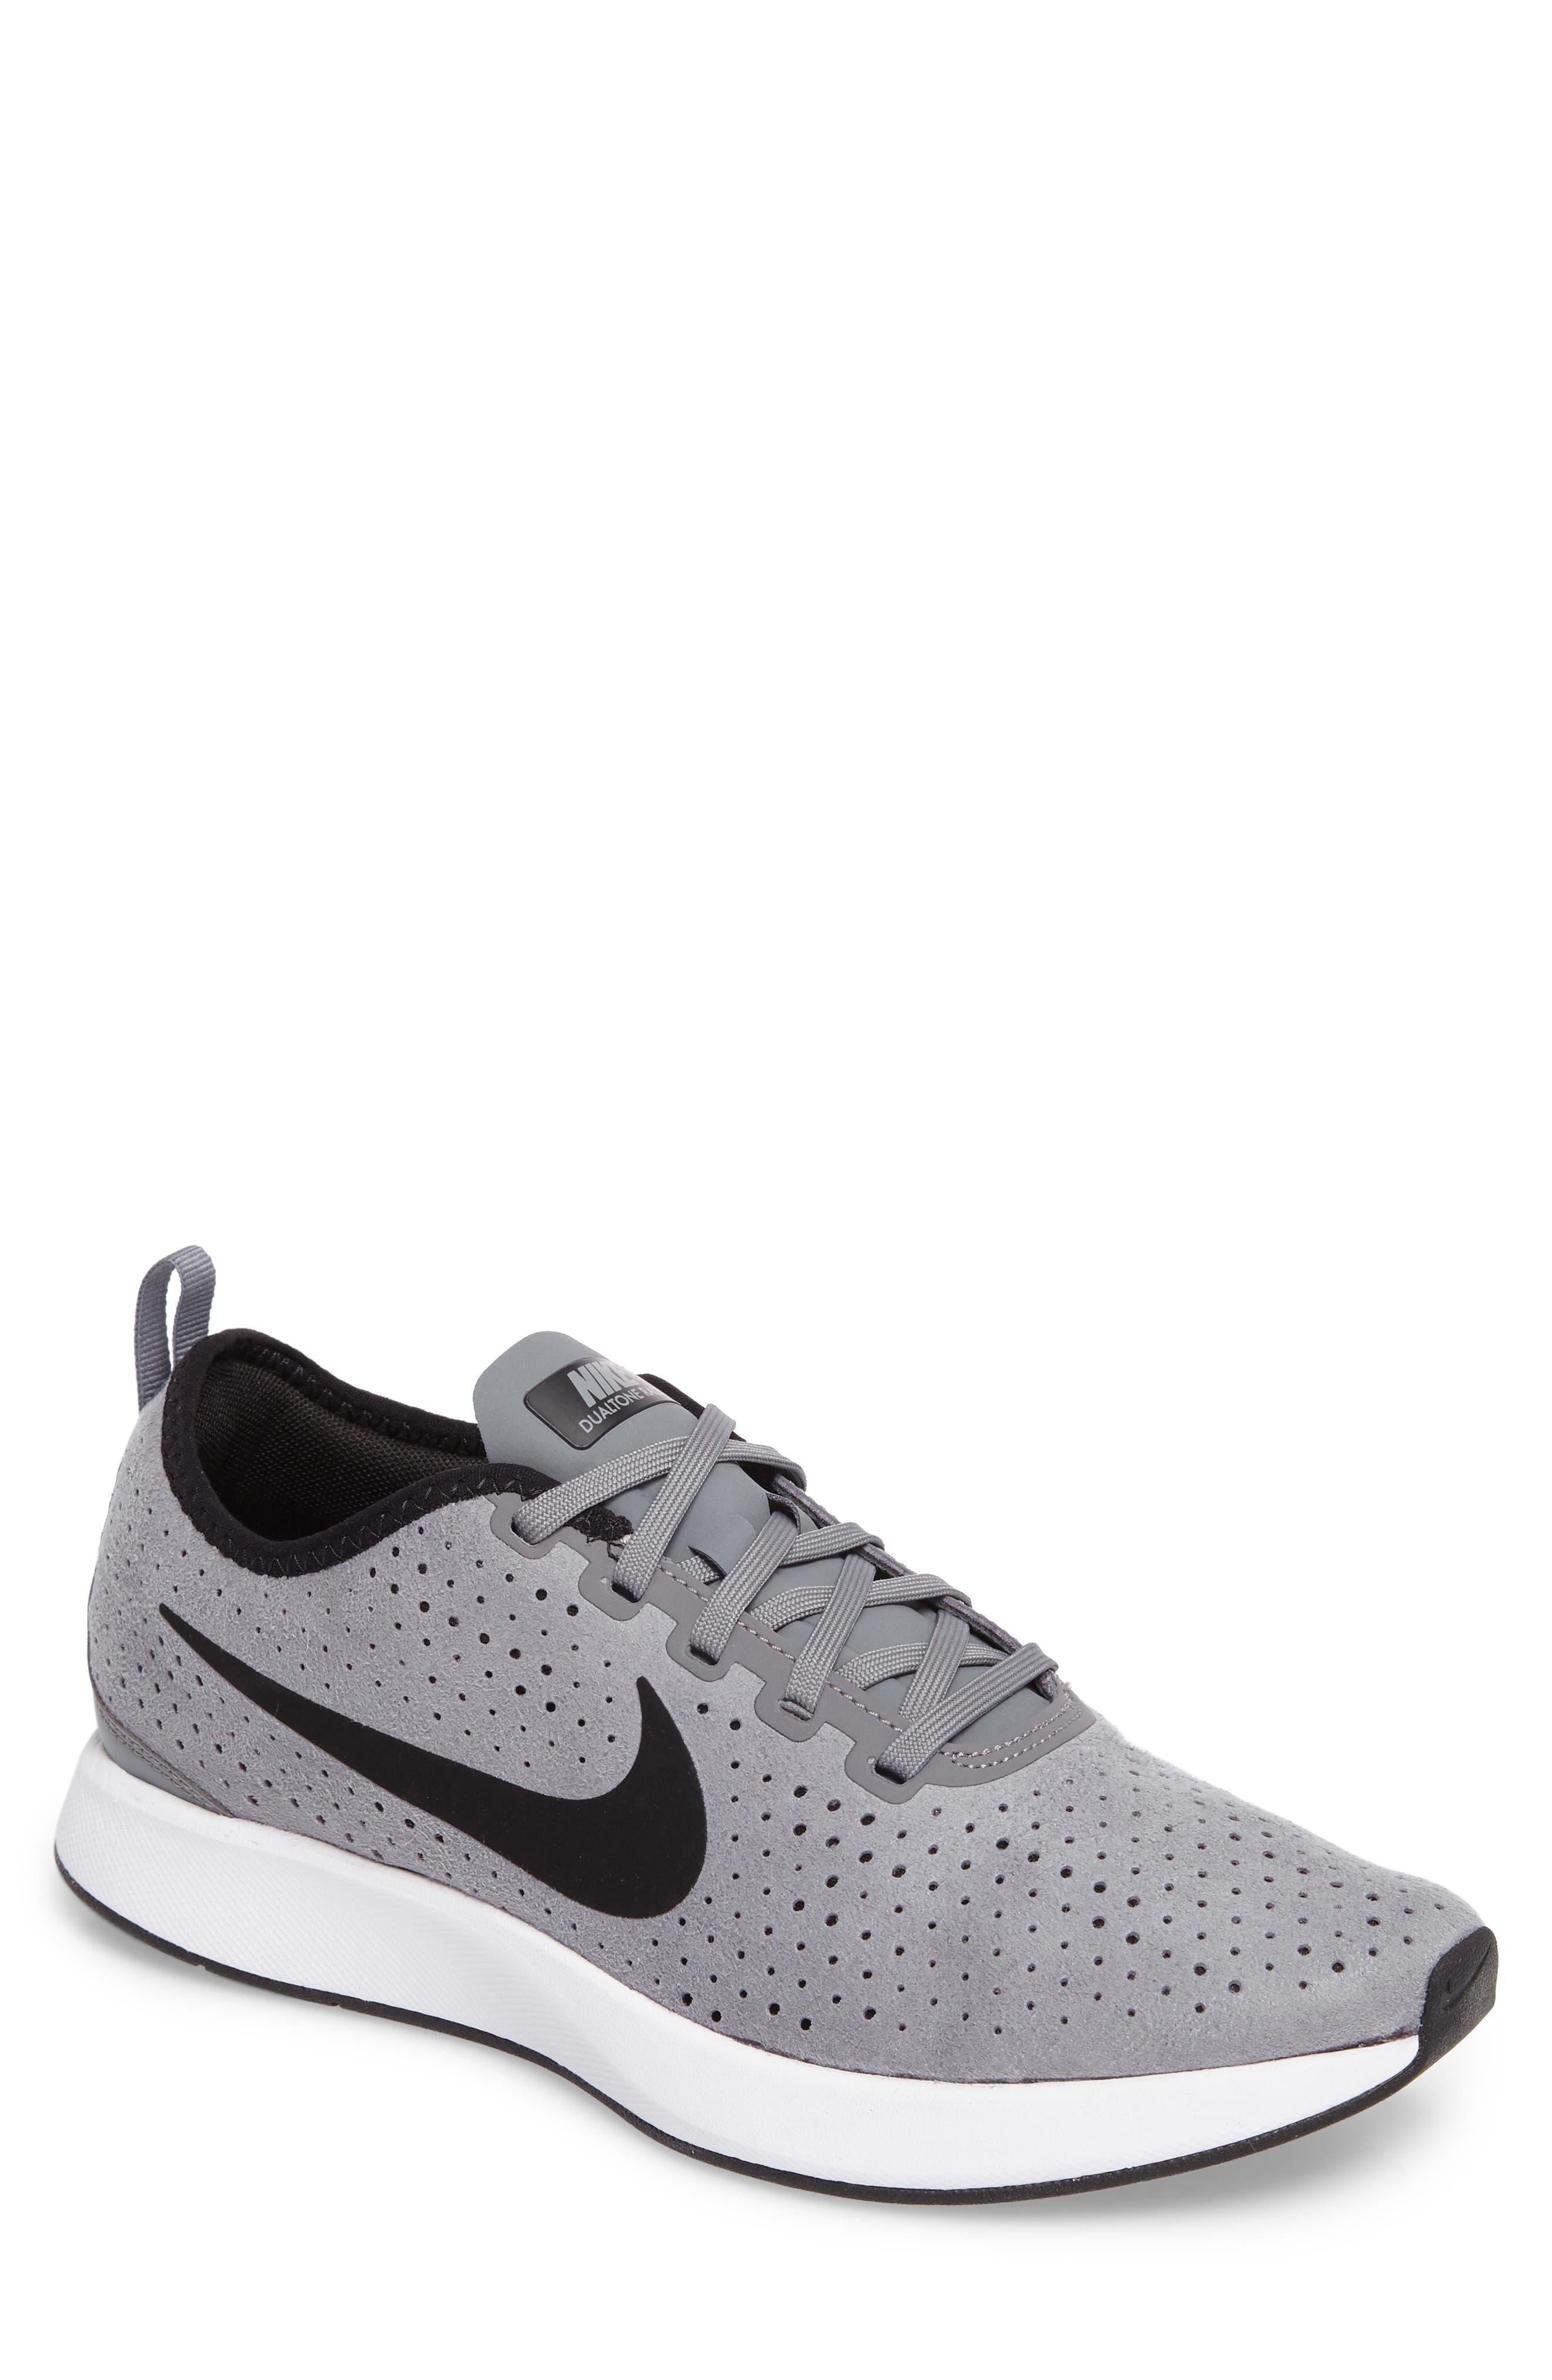 Main Image - Nike Dualtone Racer Premium Sneaker (Men)